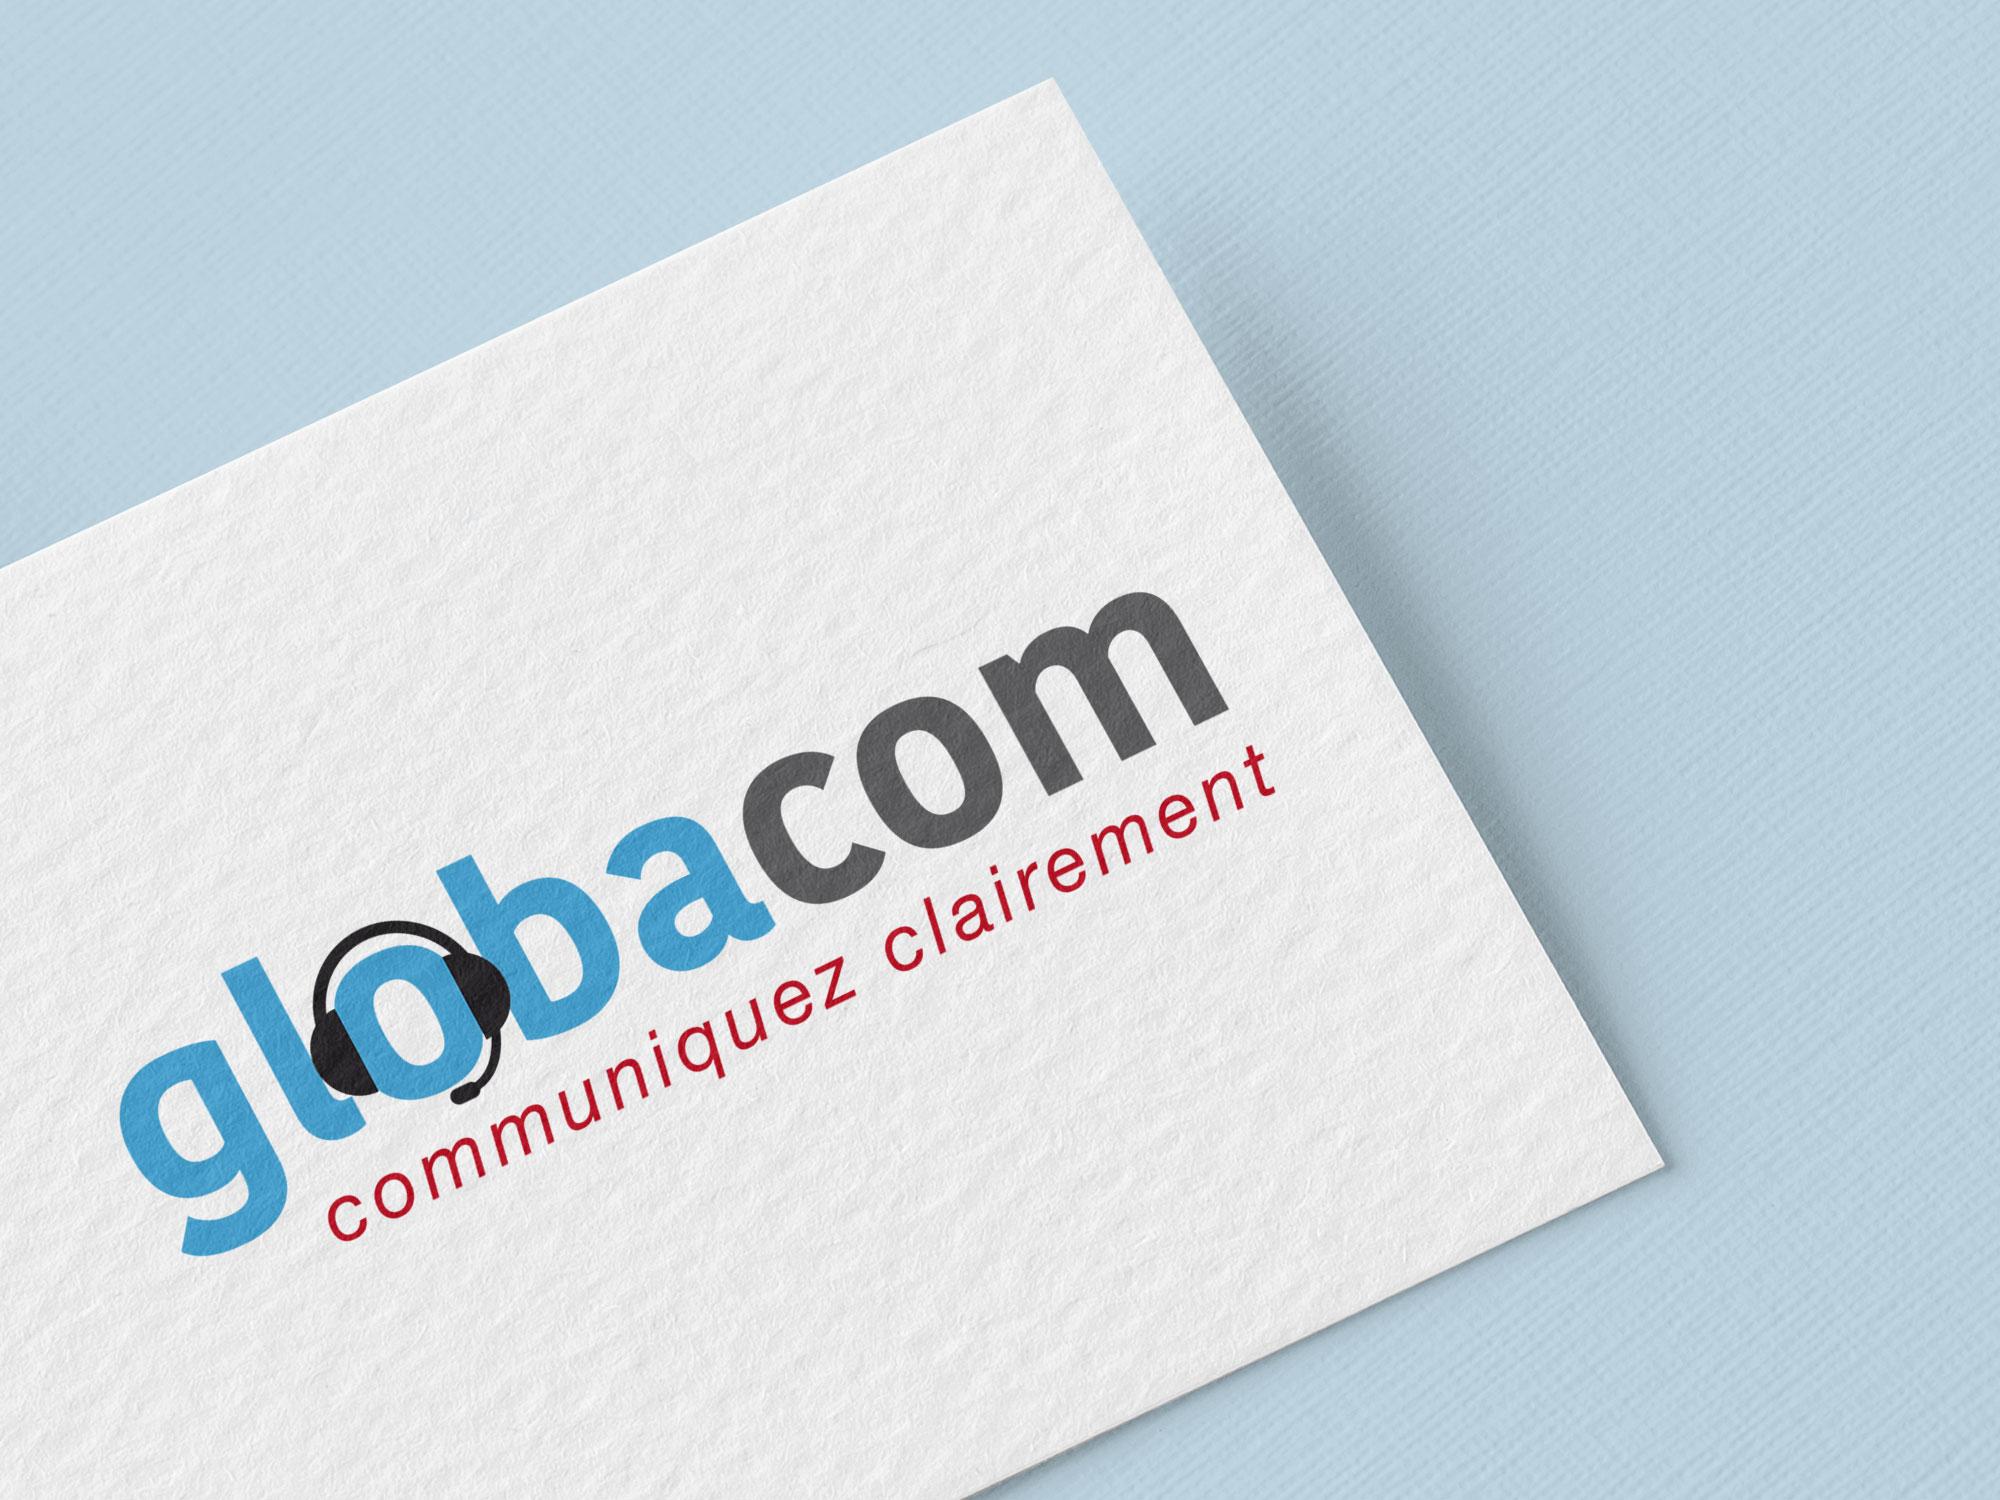 logotype Globacom